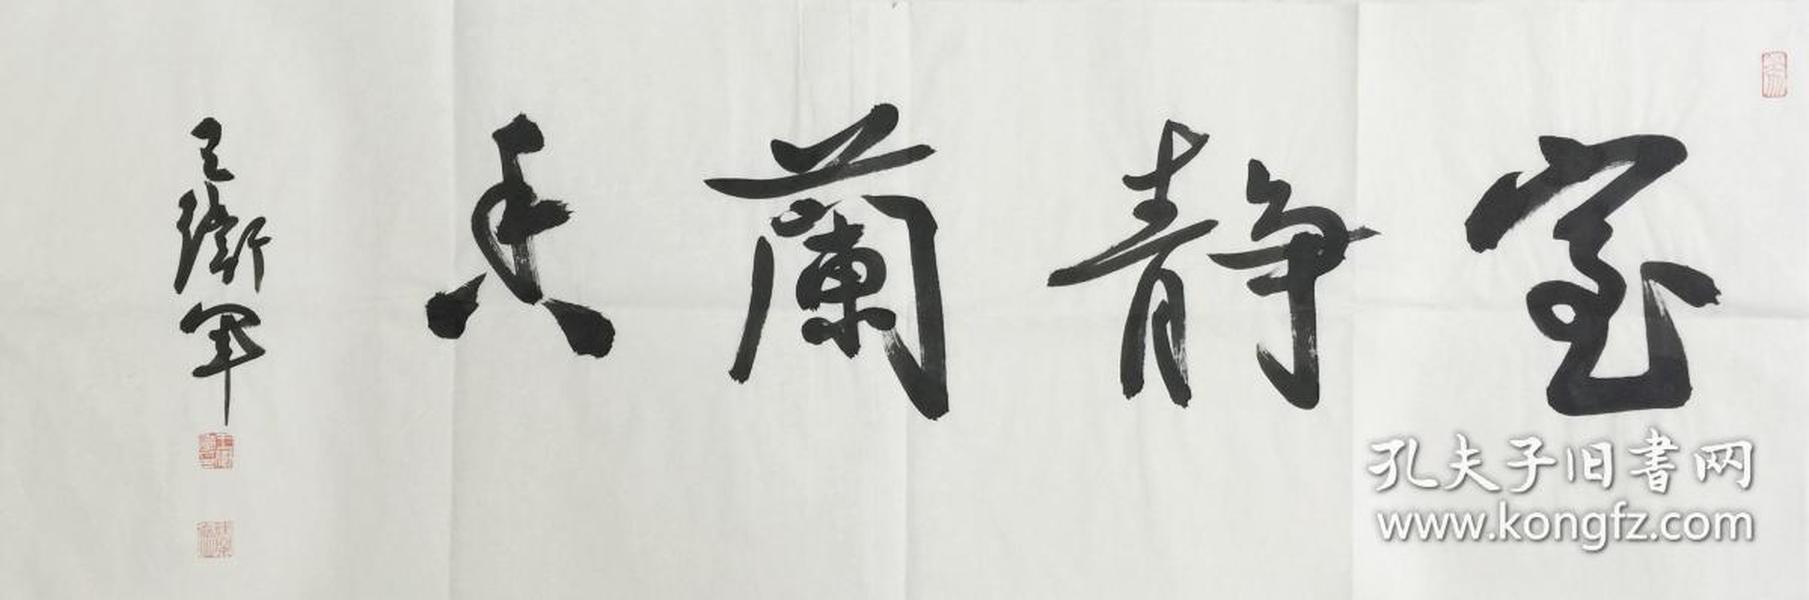 【保真】【王衛軍】中國書法家協會理事,江蘇省書法家協會副主席、秘書長、國家一級美術師、南京大學藝術學碩士,手繪書法(100*35CM)